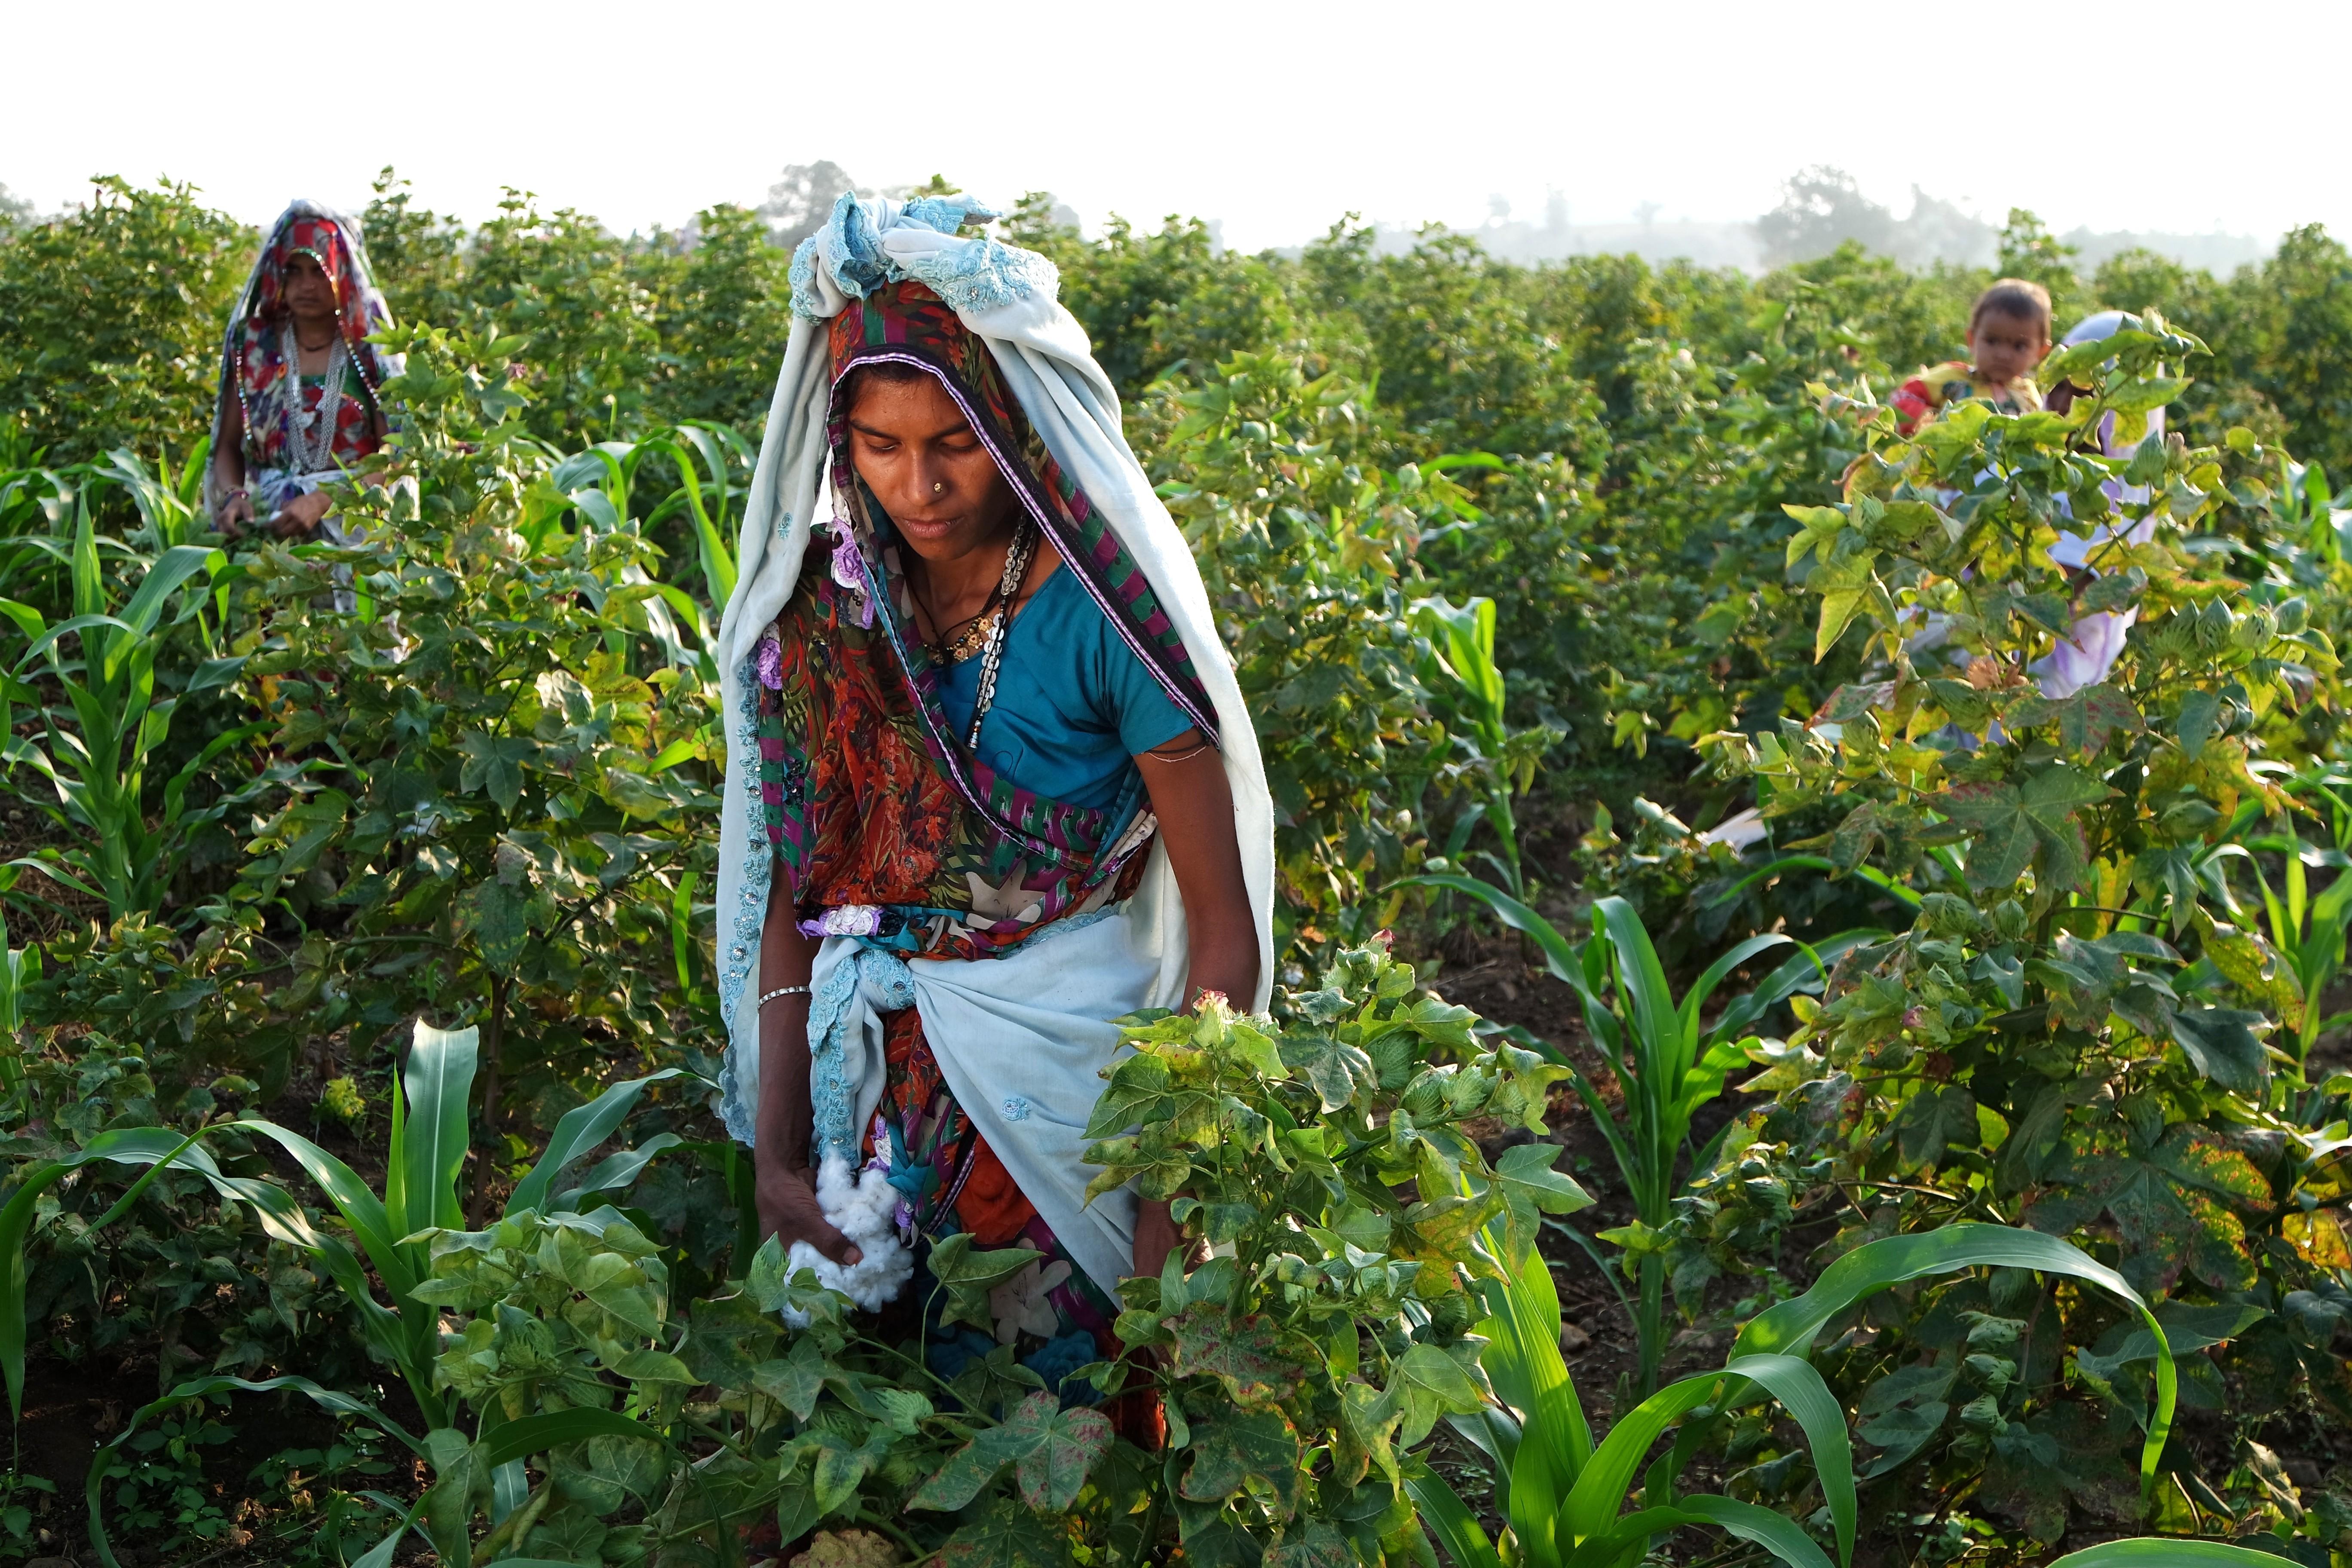 Fazendo orgânica de algodão na Índia (Foto: Mirella Pappalardo/Divulgação)